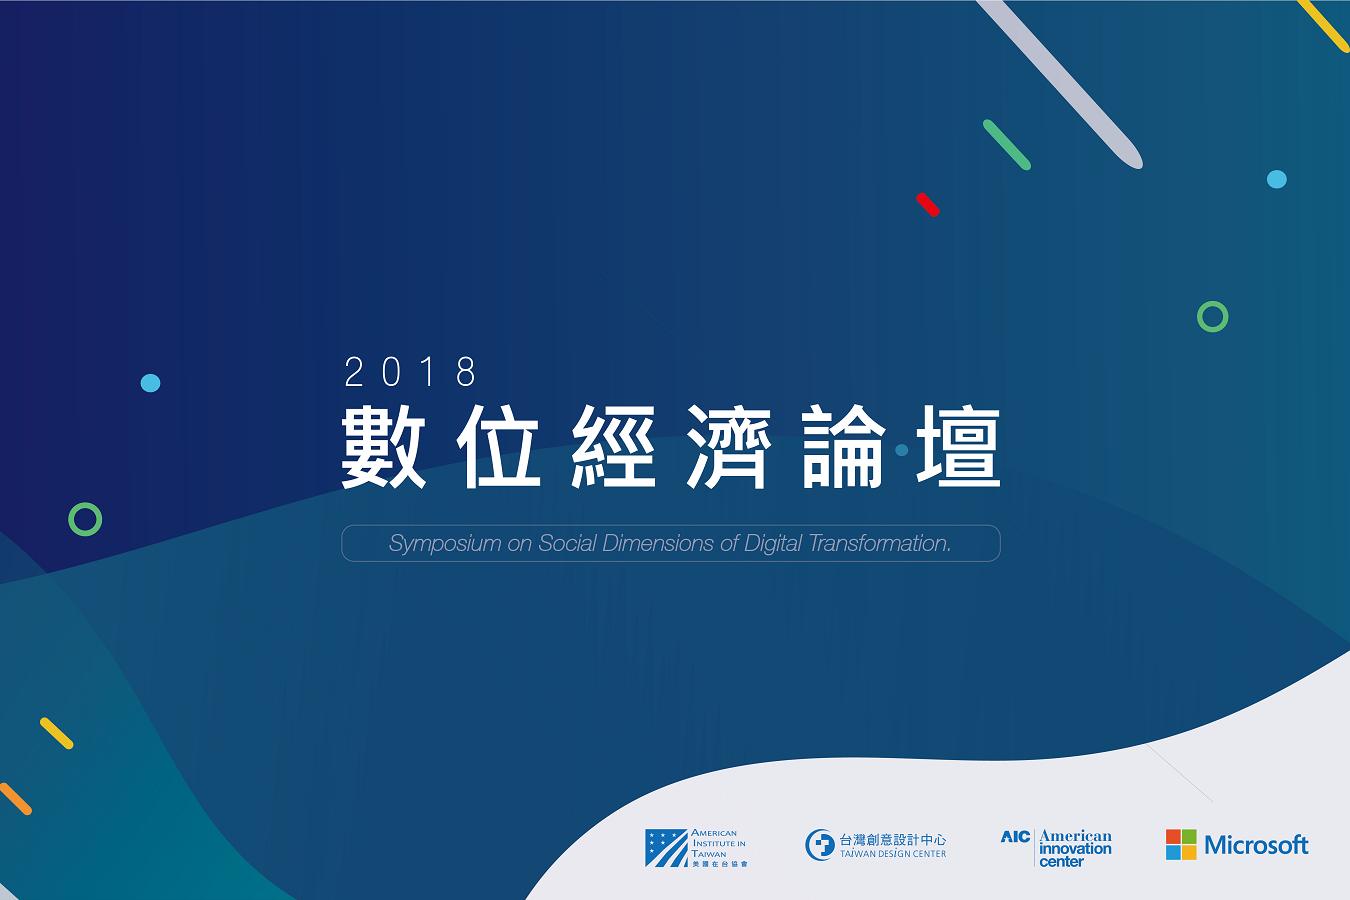 2018數位經濟論壇6/25登場 唐鳳、杜奕瑾、高仙桂、張仁炯共談數位時代的社會變遷